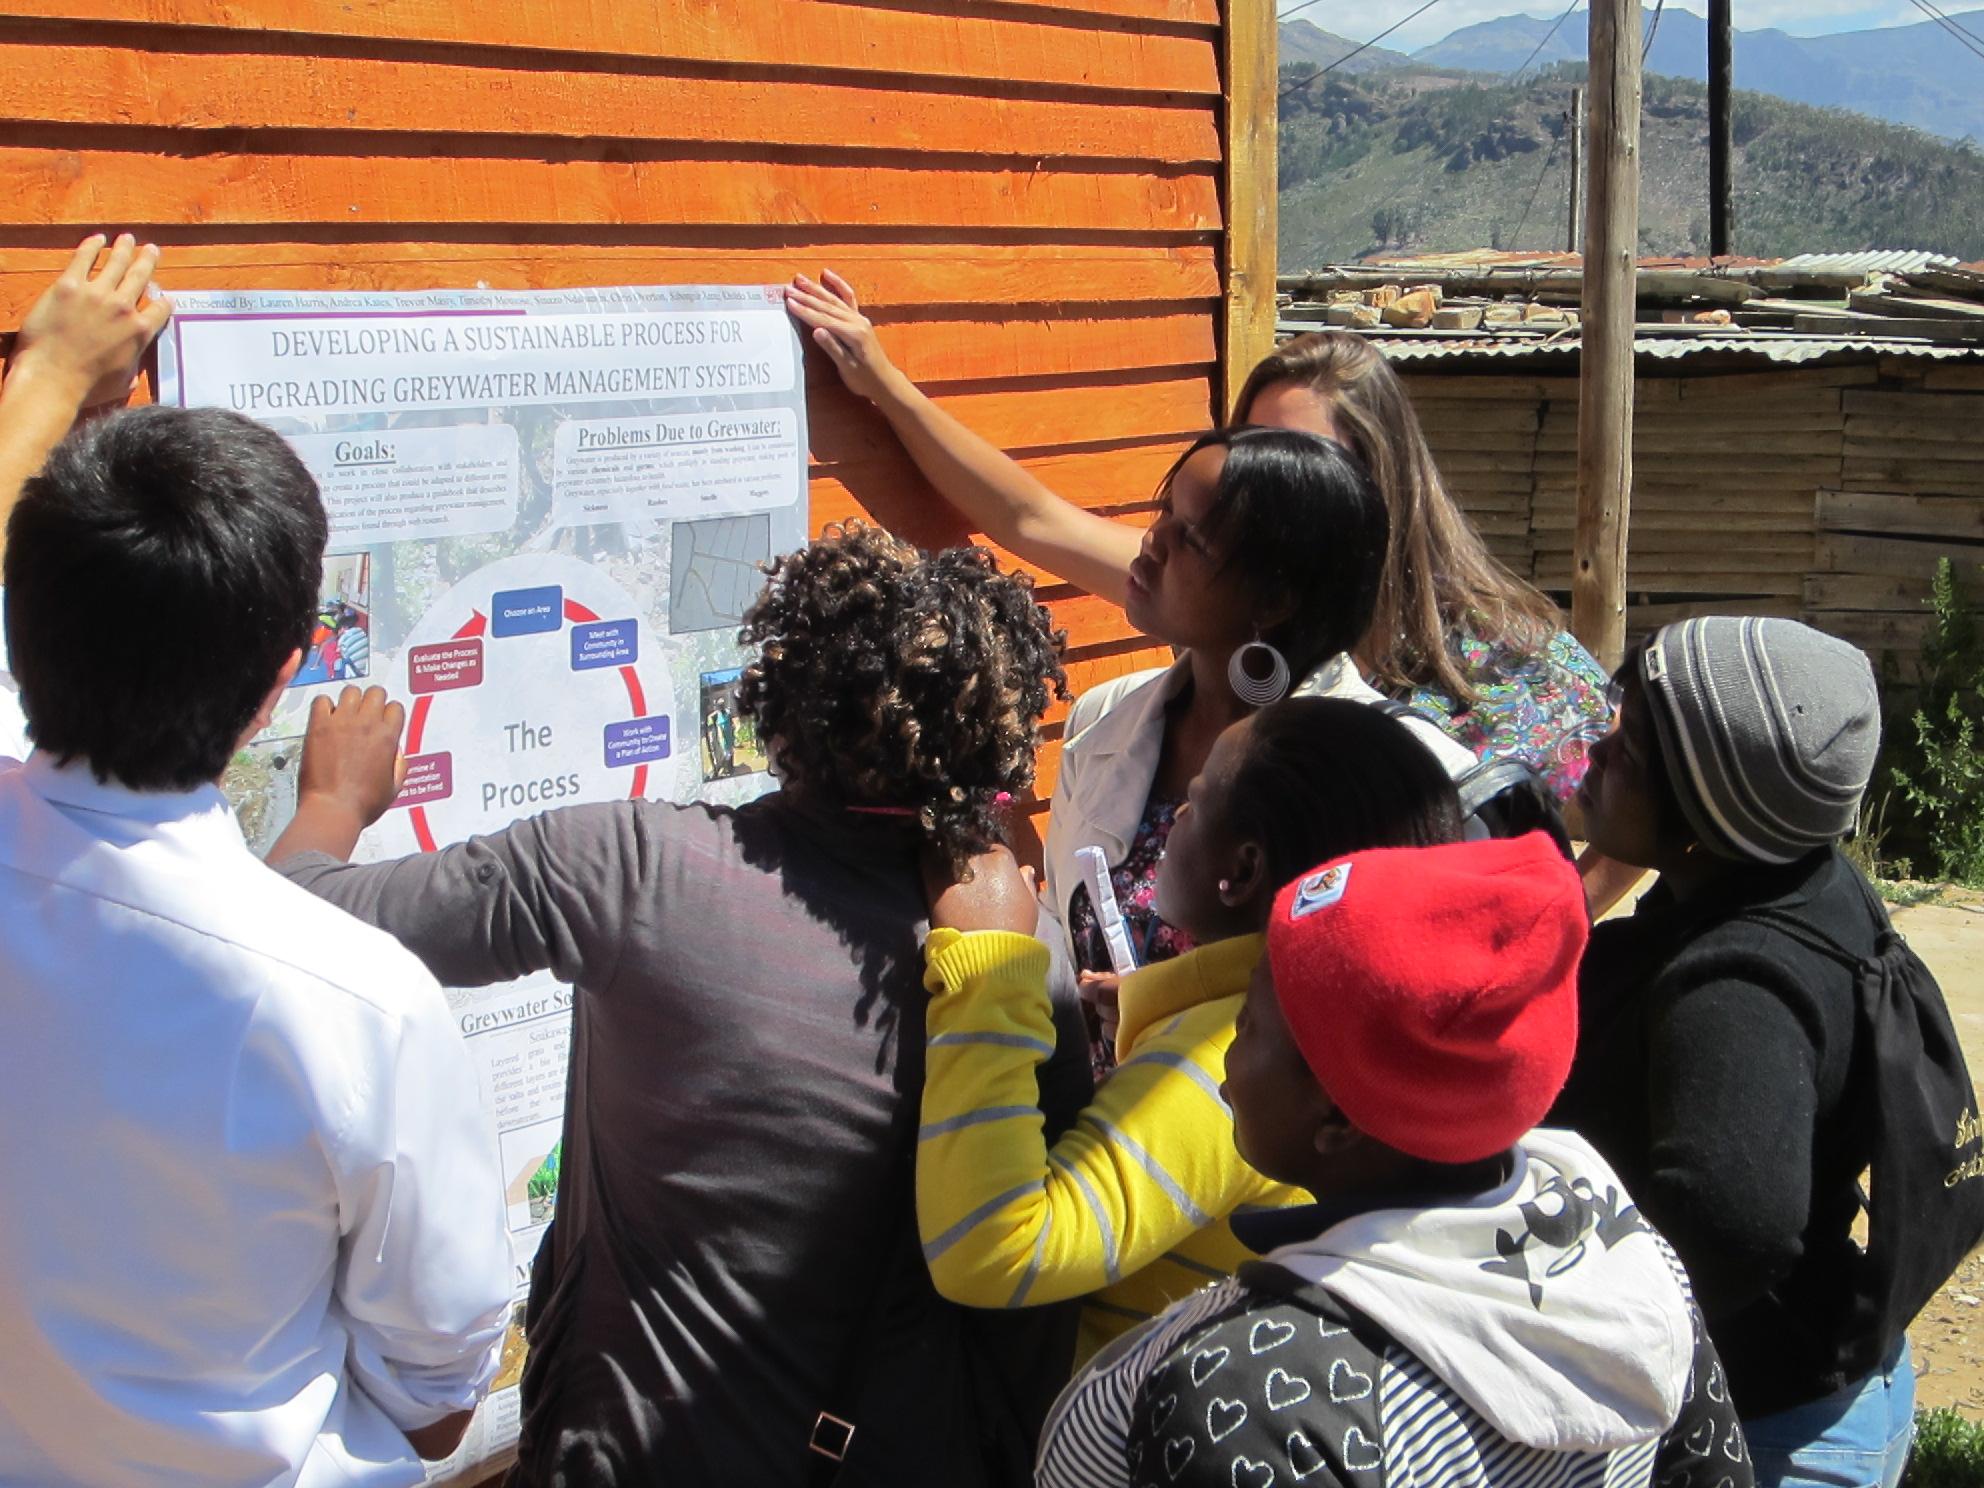 foto (c) cape town project centre